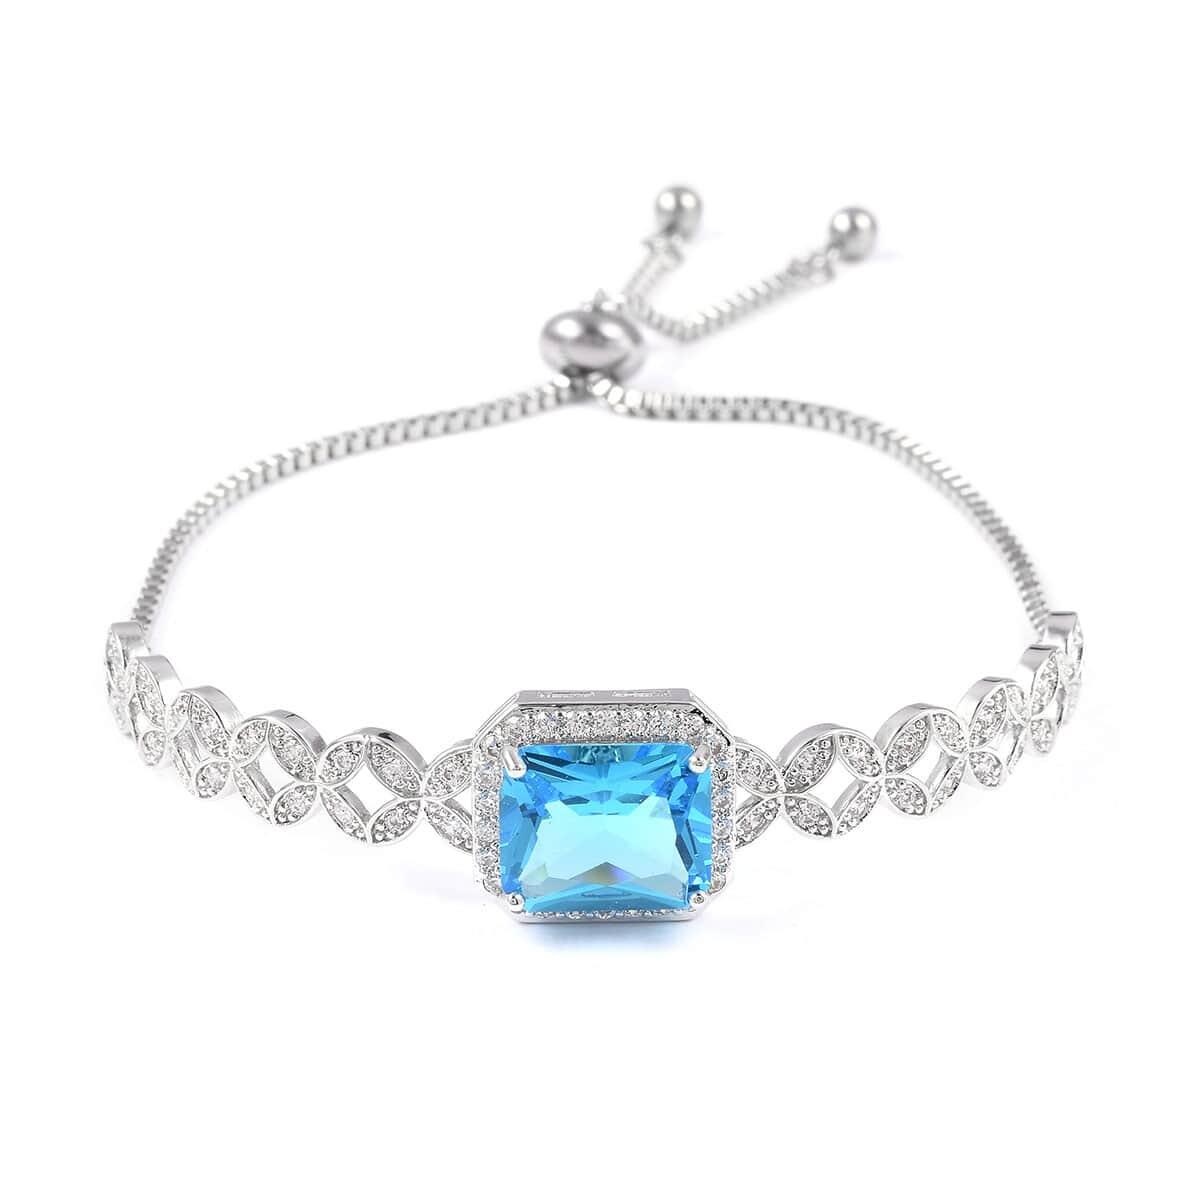 12-Color-Options-Cubic-Zirconia-Bracelet-Chain-Pendant-Necklace-Set-Adjustable thumbnail 90